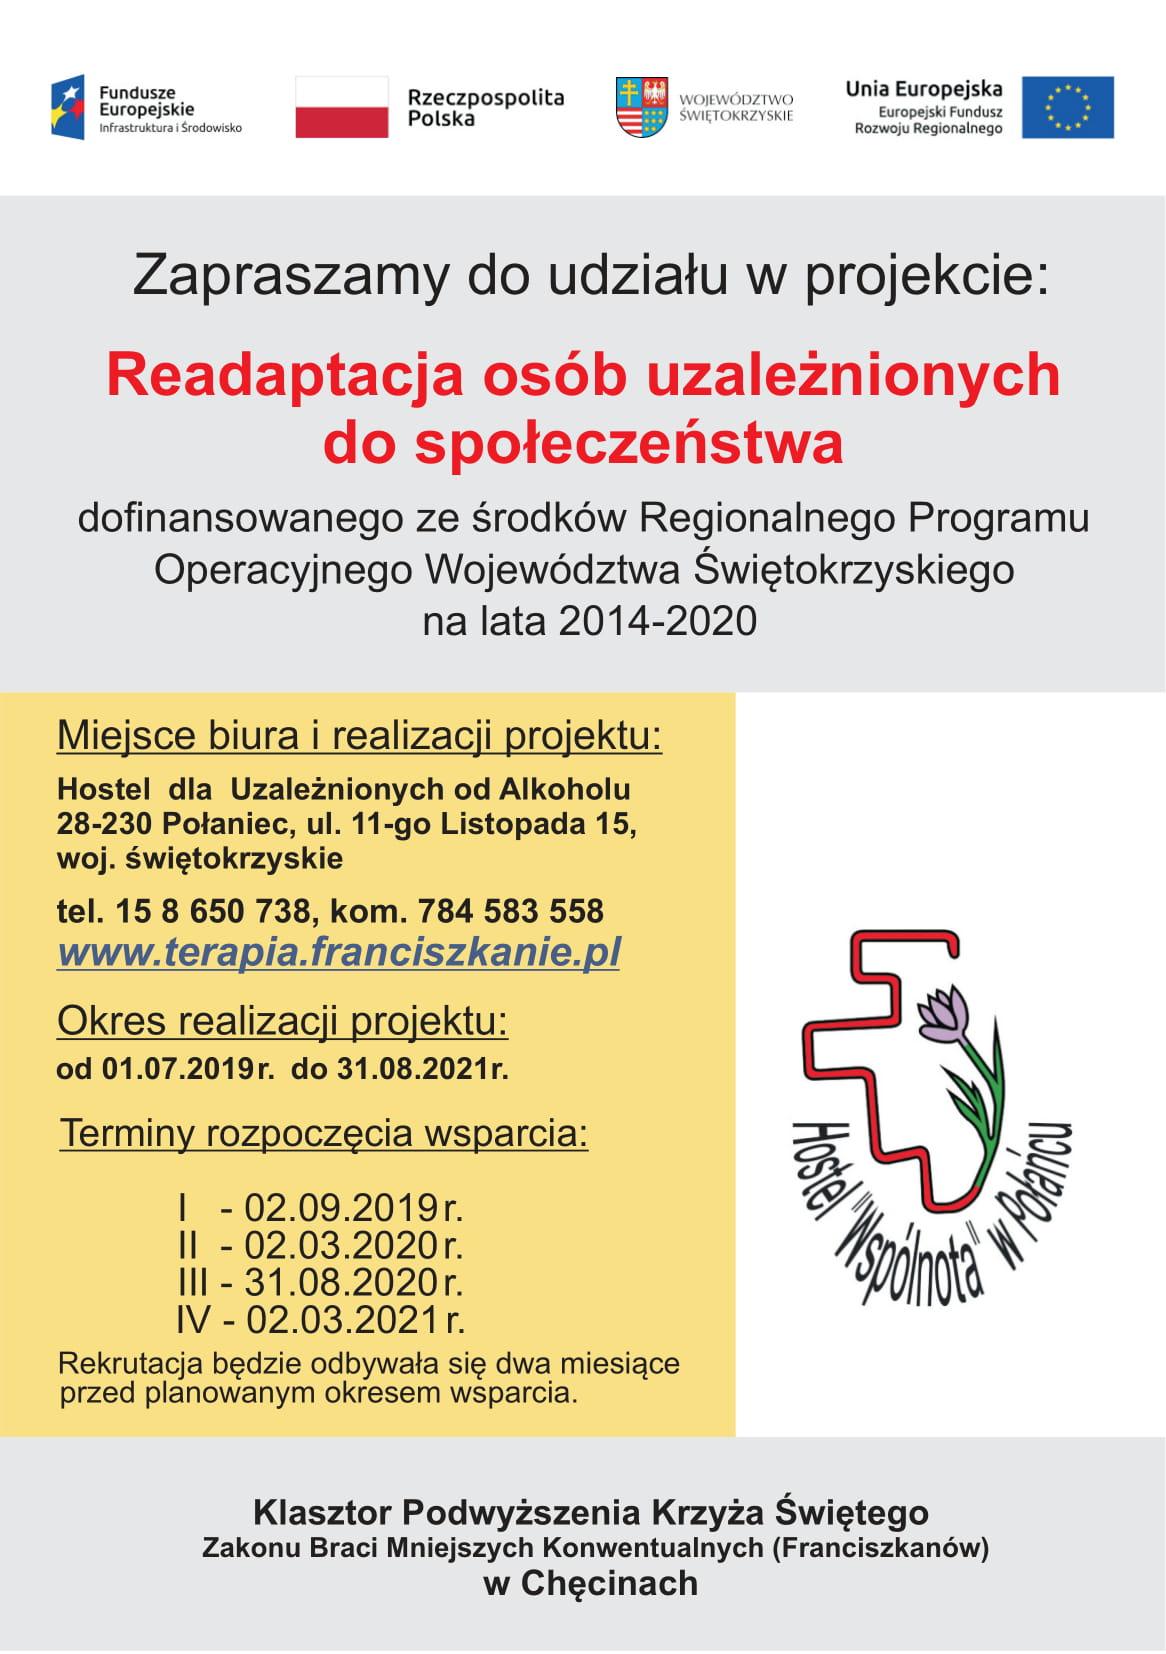 Ulotka strona pierwsza programu: Readaptacja osób uzależnionych do społeczeństwa